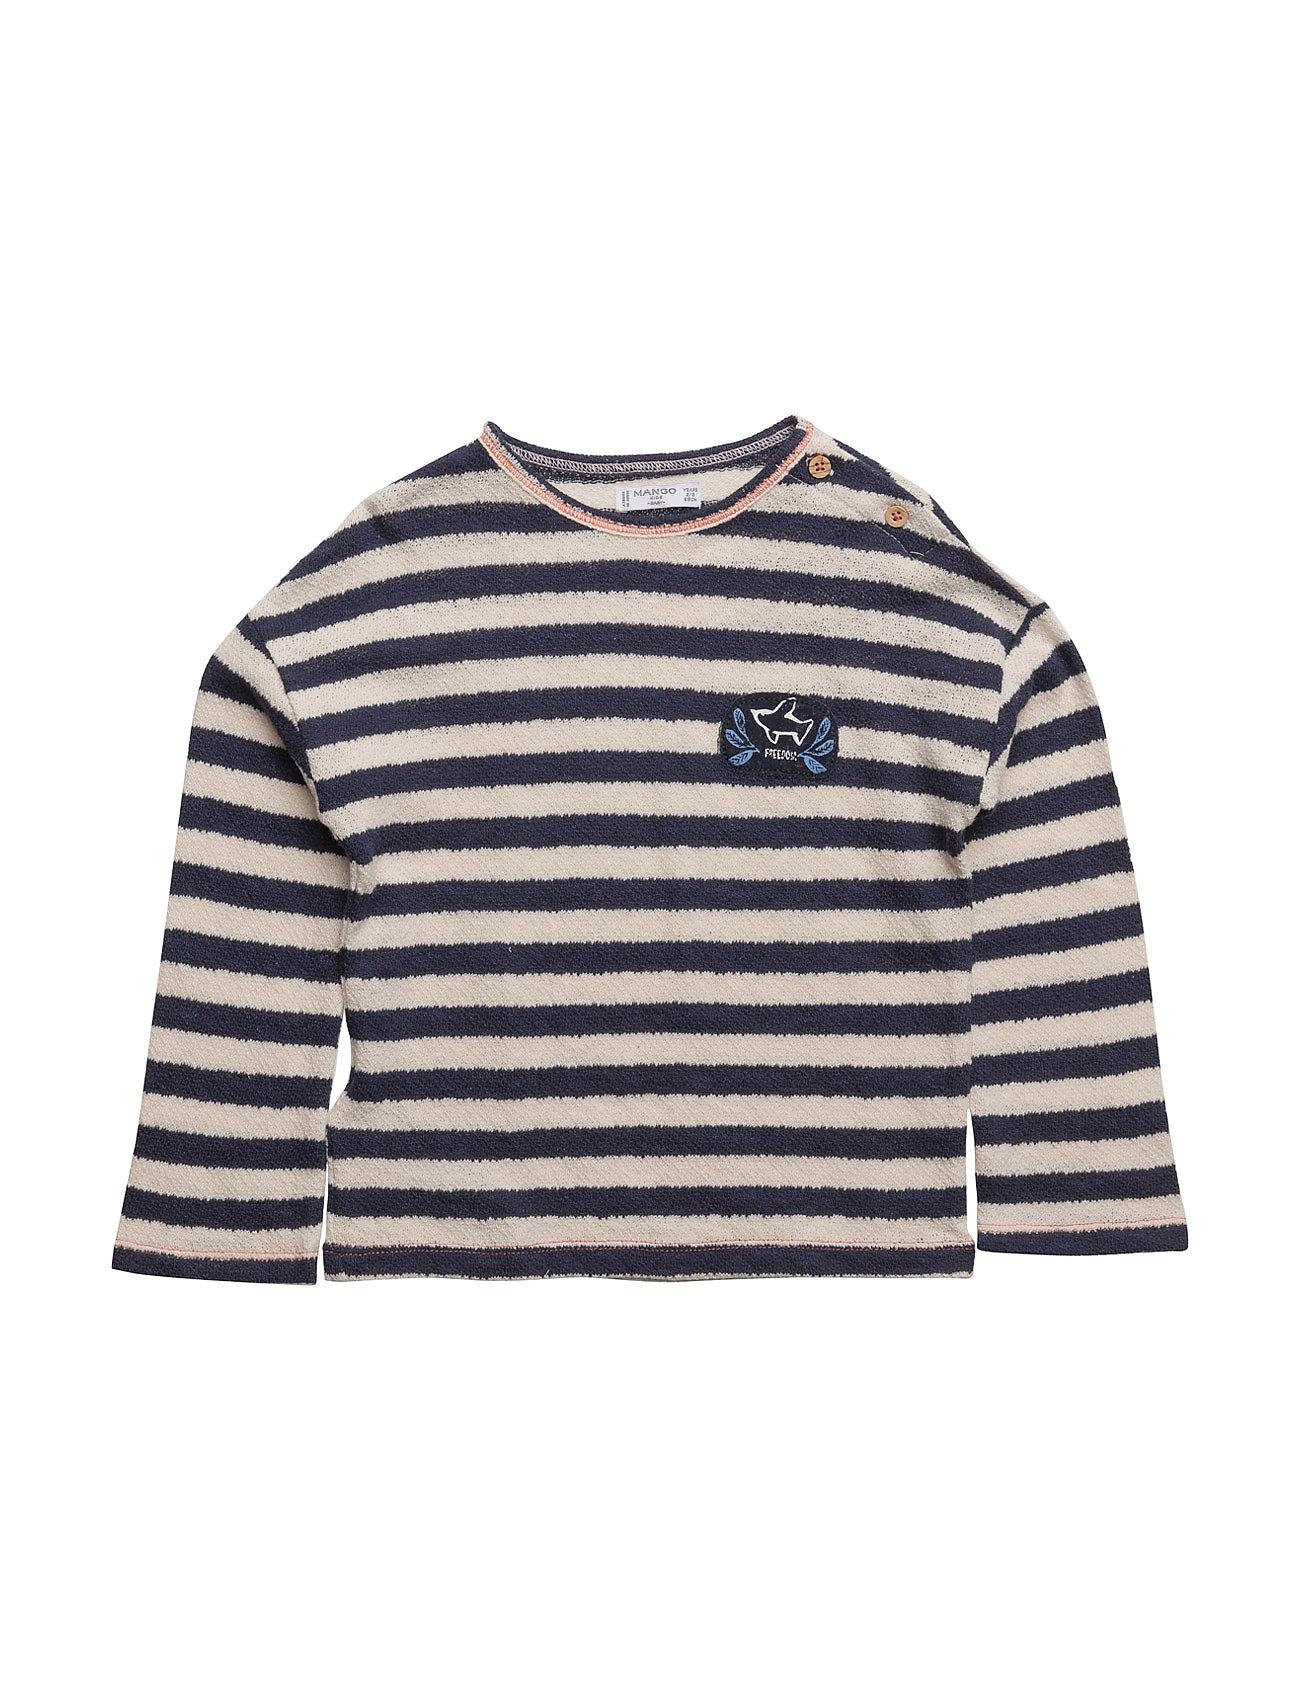 Textured Striped Sweatshirt Mango Kids Langærmede t-shirts til Børn i Navy blå